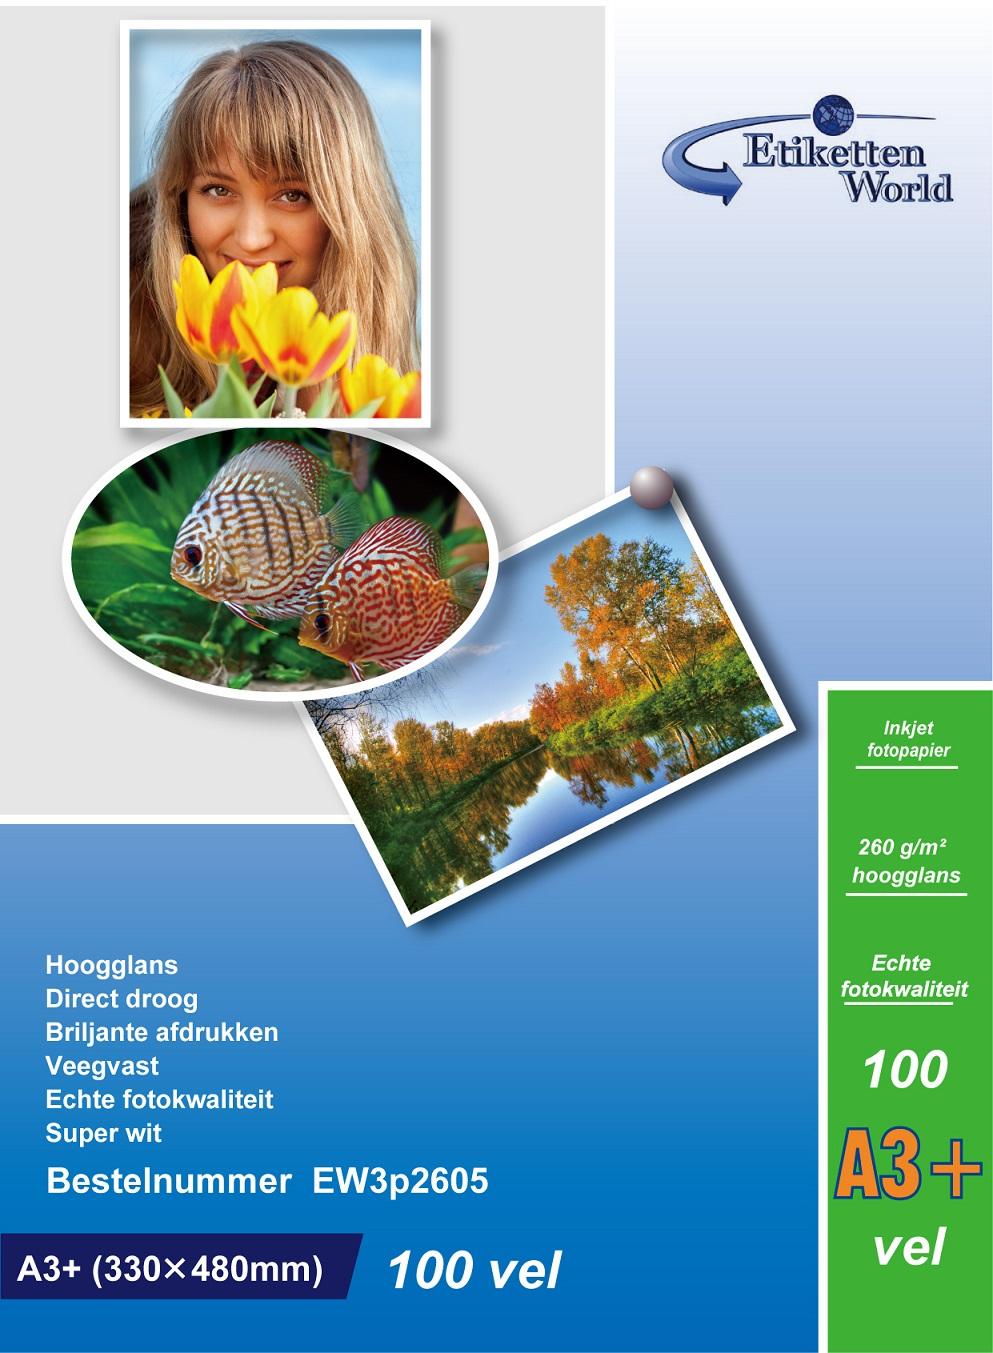 EtikettenWorld BV Fotopapier A3+ (330x480mm) 260g/qm High Glossy und wasserfest